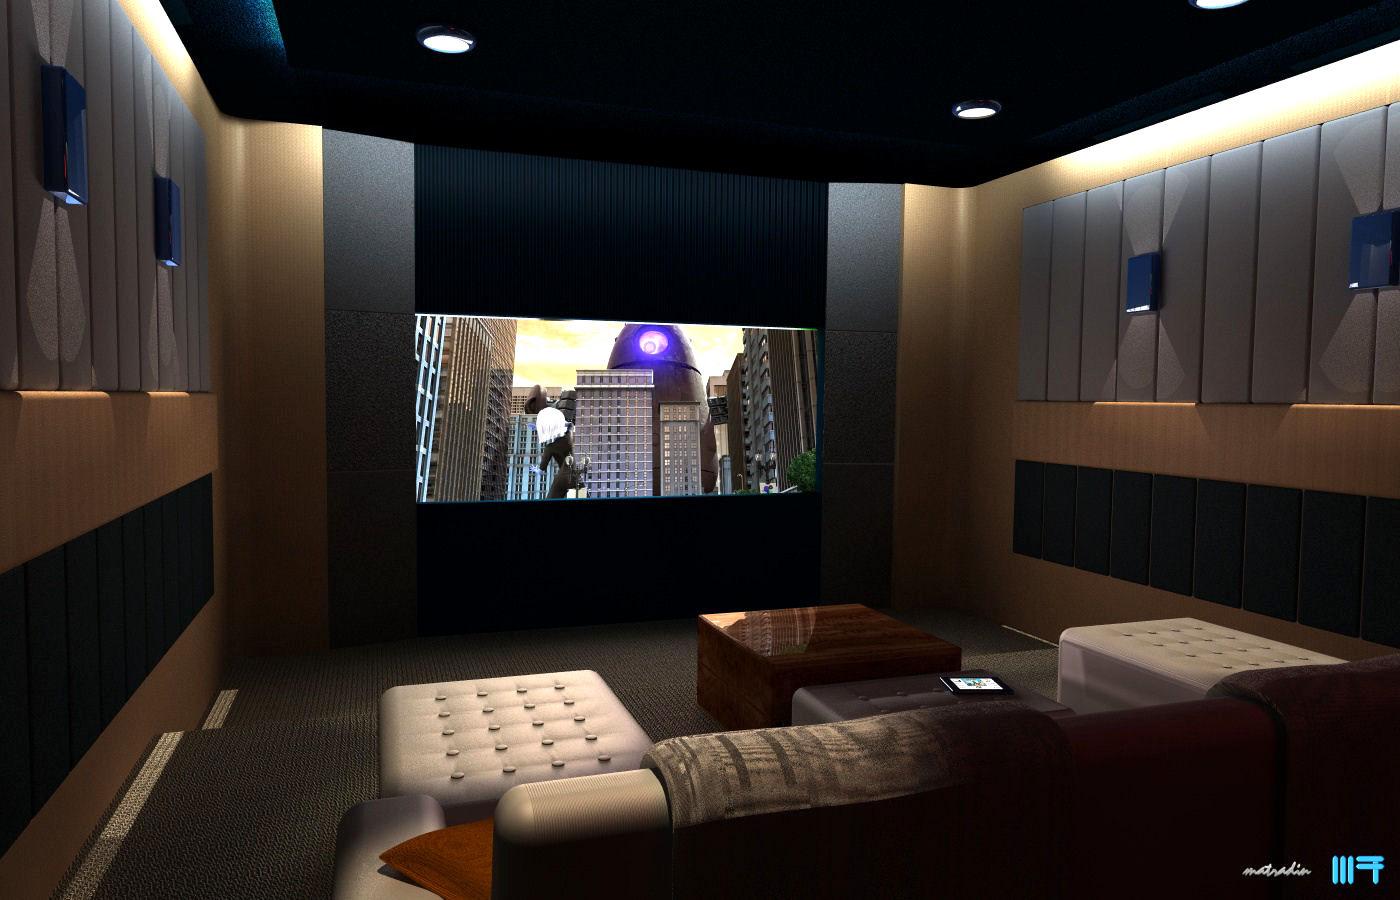 Home Theatre by badnugly on DeviantArt